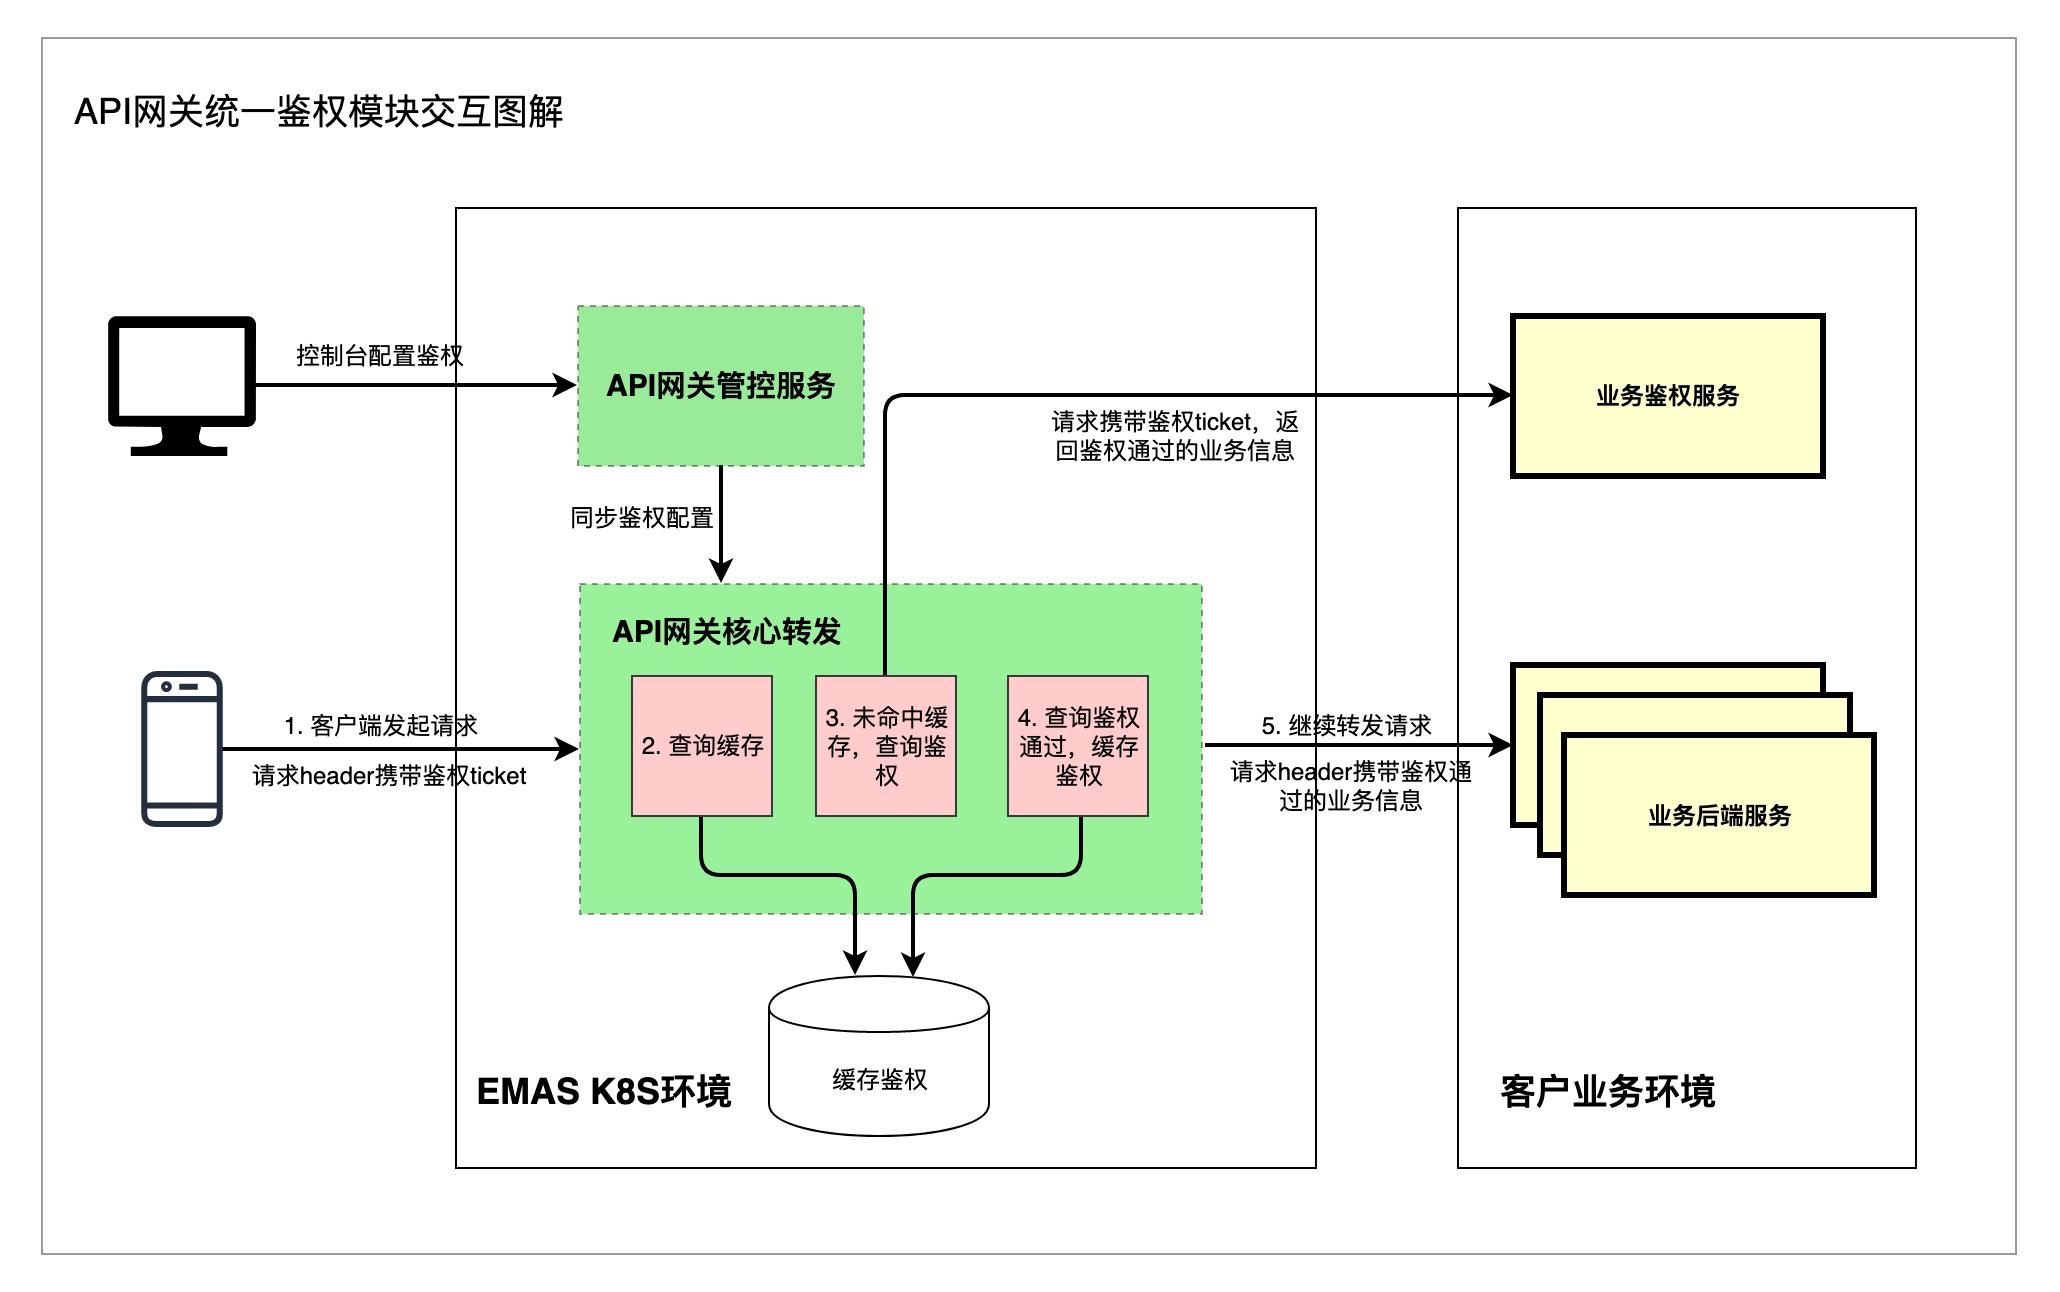 统一鉴权流程图